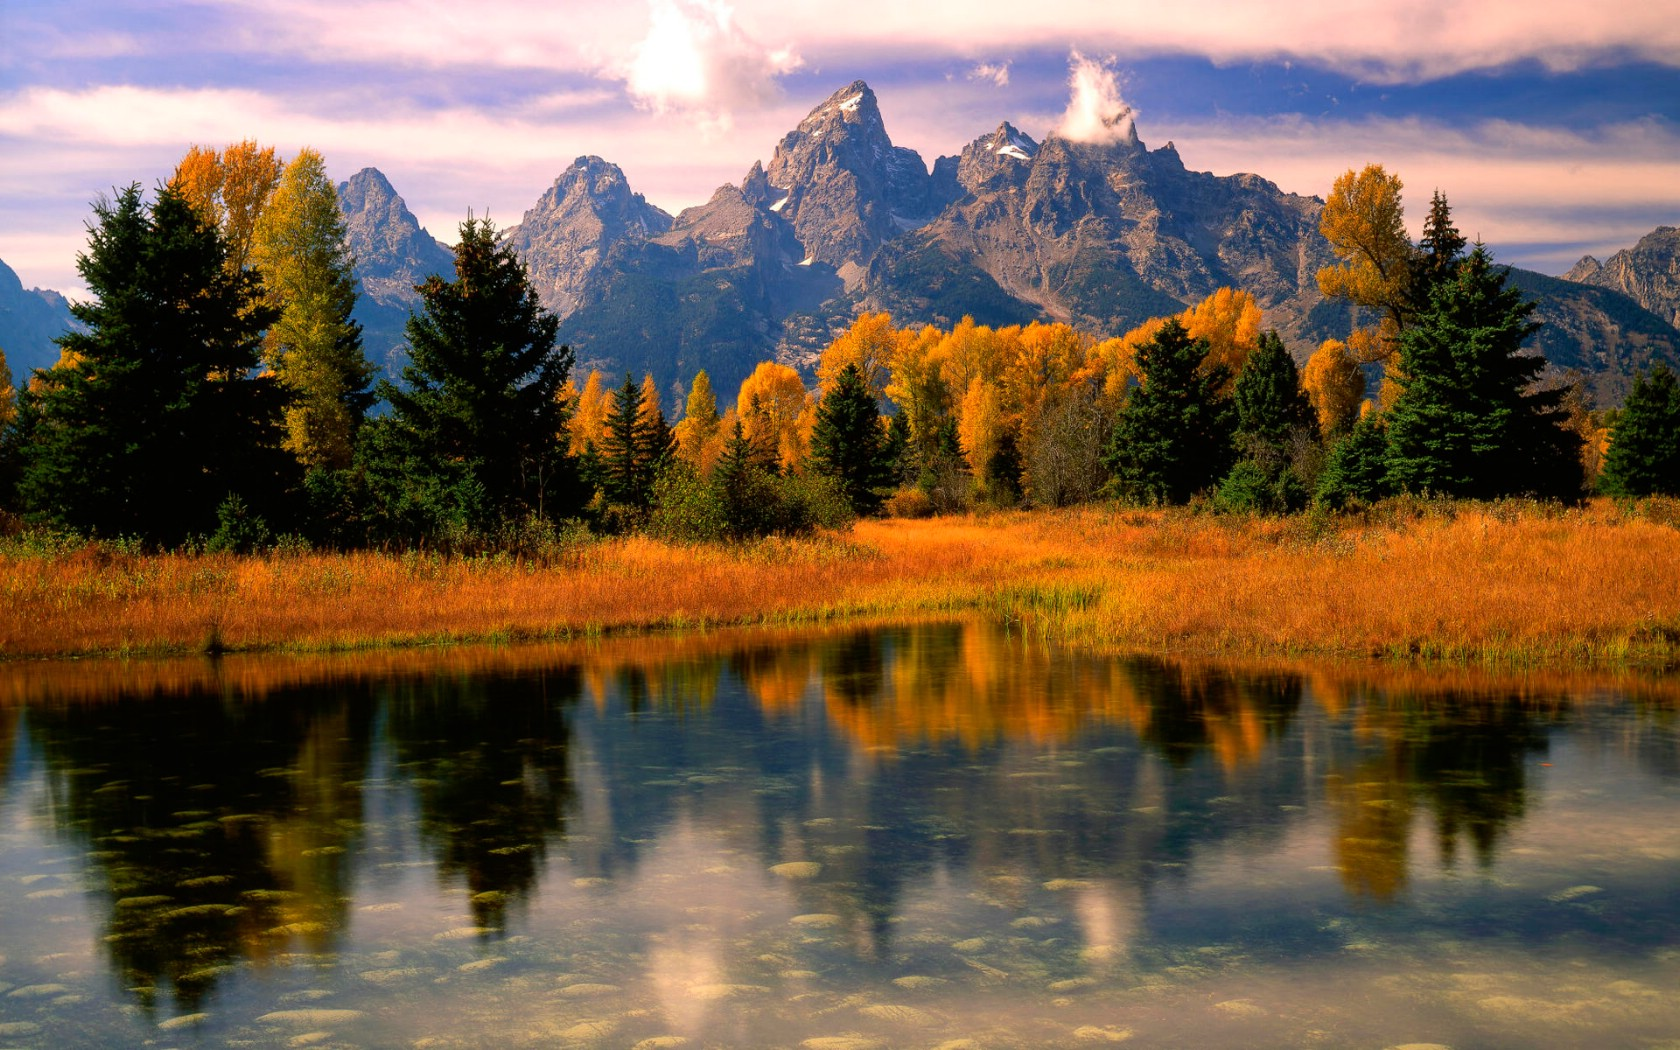 ... 山水风景壁纸壁纸图片-风景壁纸-风景图片素材-桌面